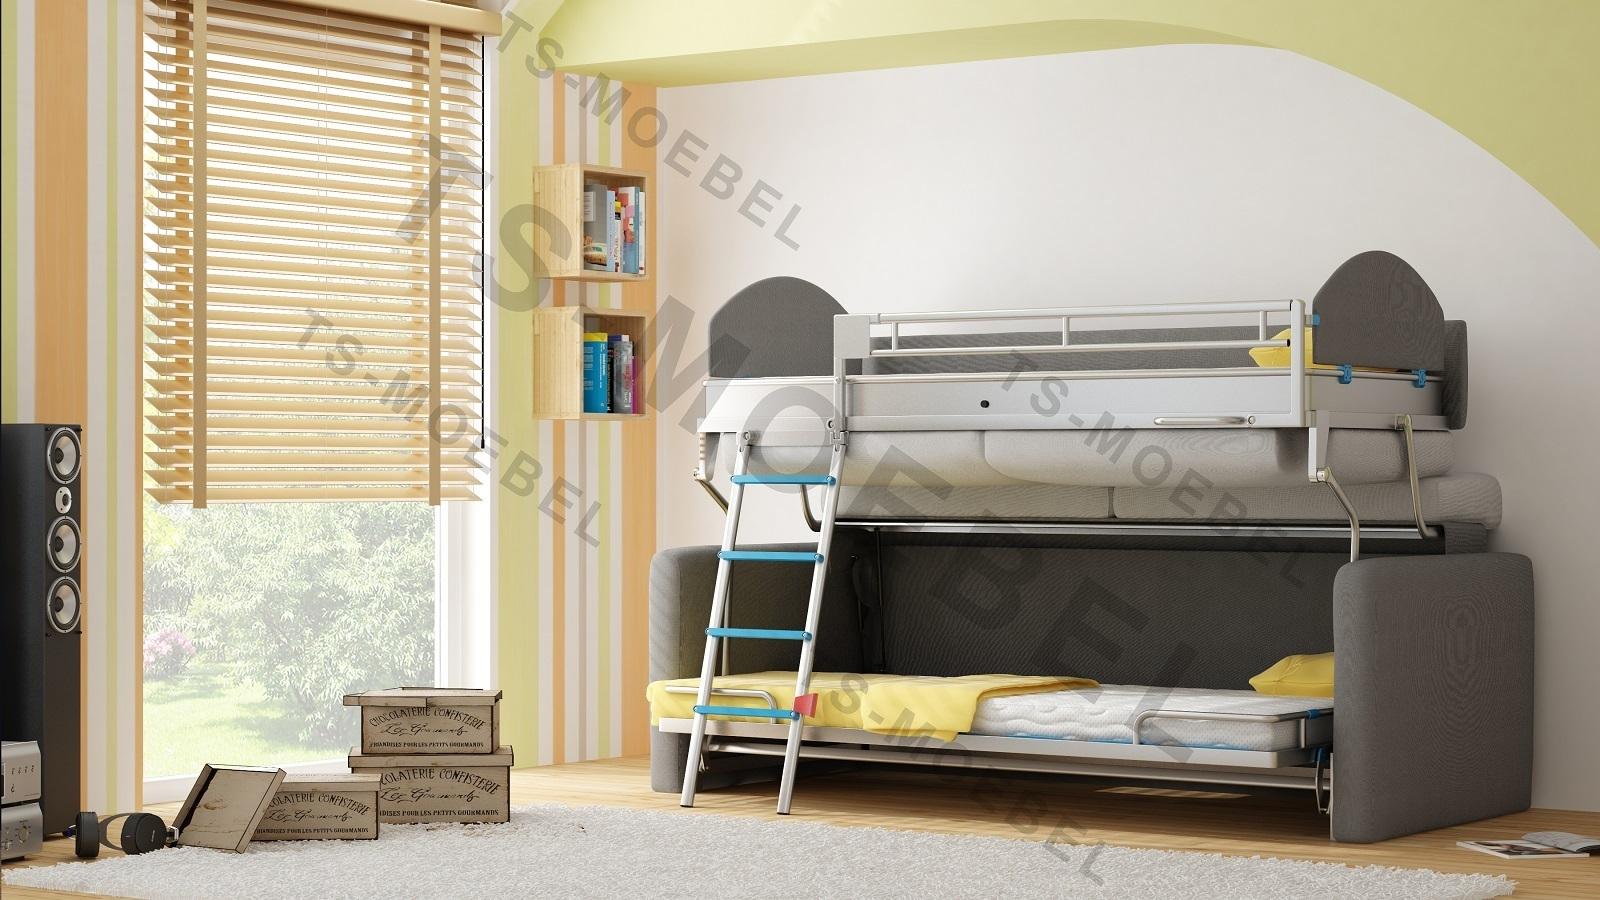 Attraktiv TS Möbel Wall Bed Duo Sofa Mit Etagenbett Inkl.